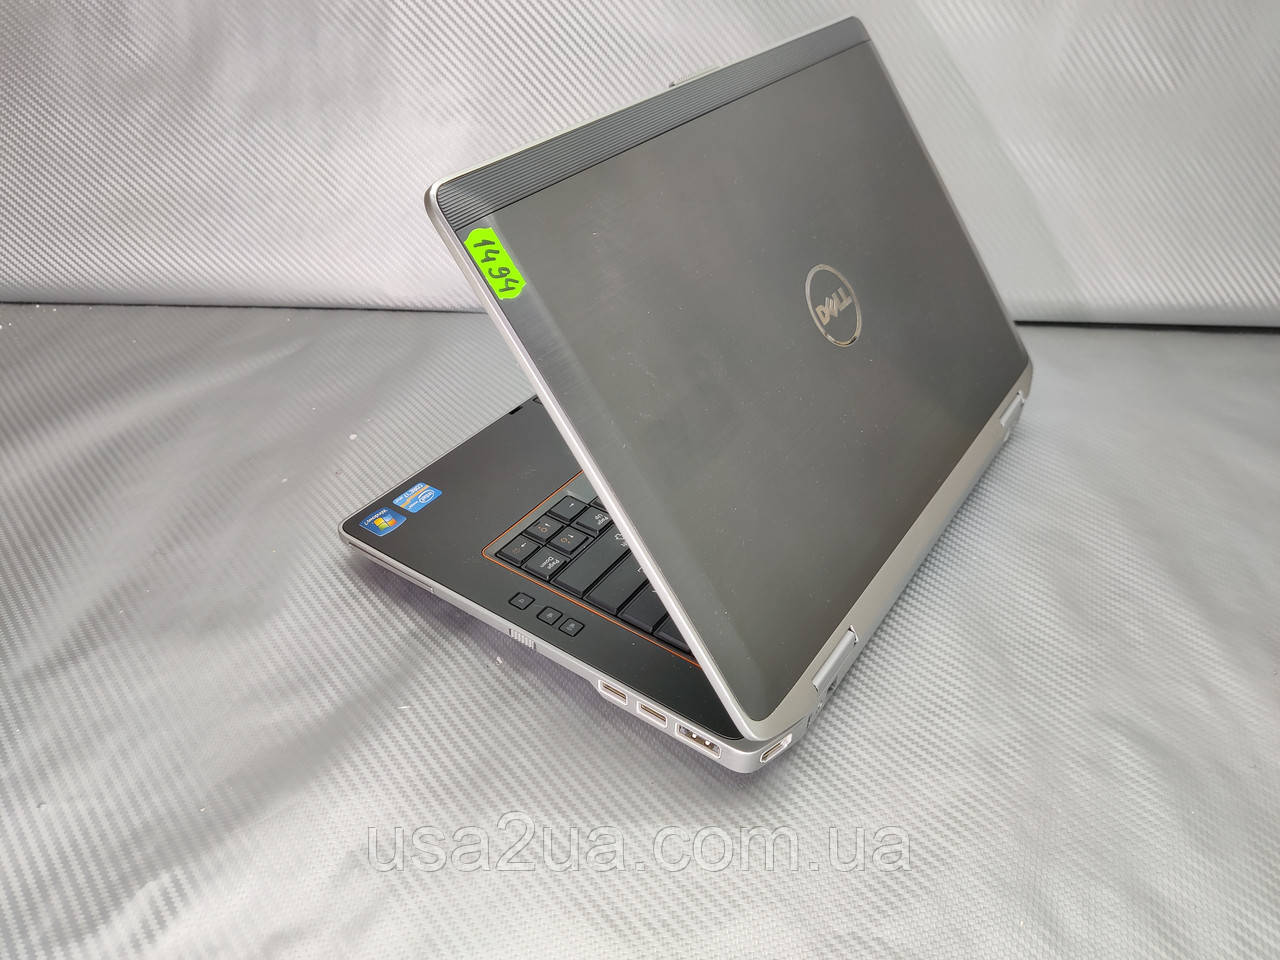 Ноутбук Dell Latitude E6420 Core I7 2Gen 4Gb 500Gb NVS 4200M 2 видеокарты Без батареи Кредит Гарантия Доставка